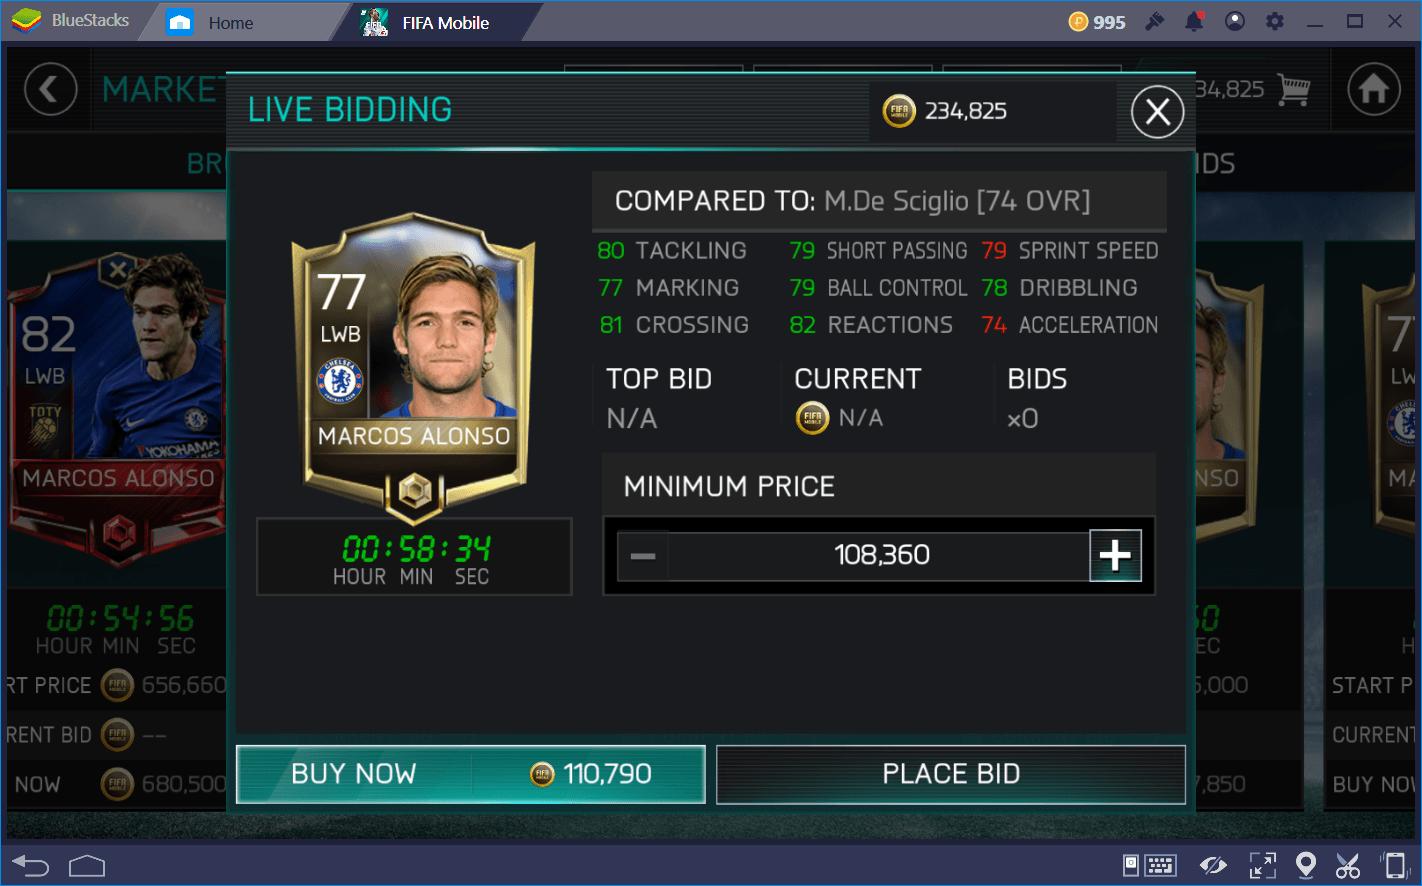 Die besten Spieler, die du in FIFA Fußball (FIFA Mobile) bekommen kannst